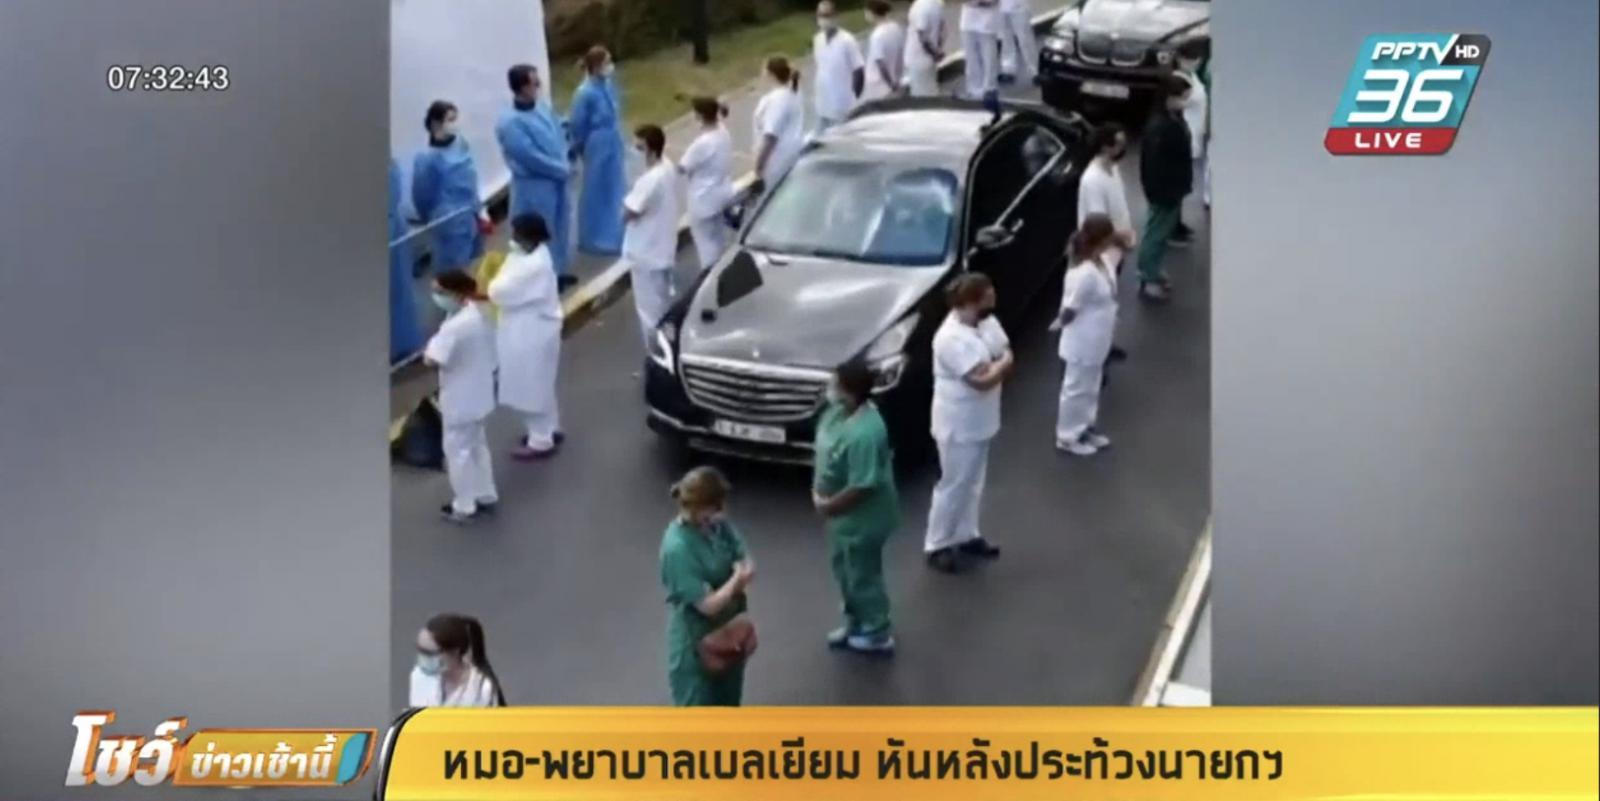 หมอ-พยาบาลเบลเยียม หันหลังประท้วงนายกฯ